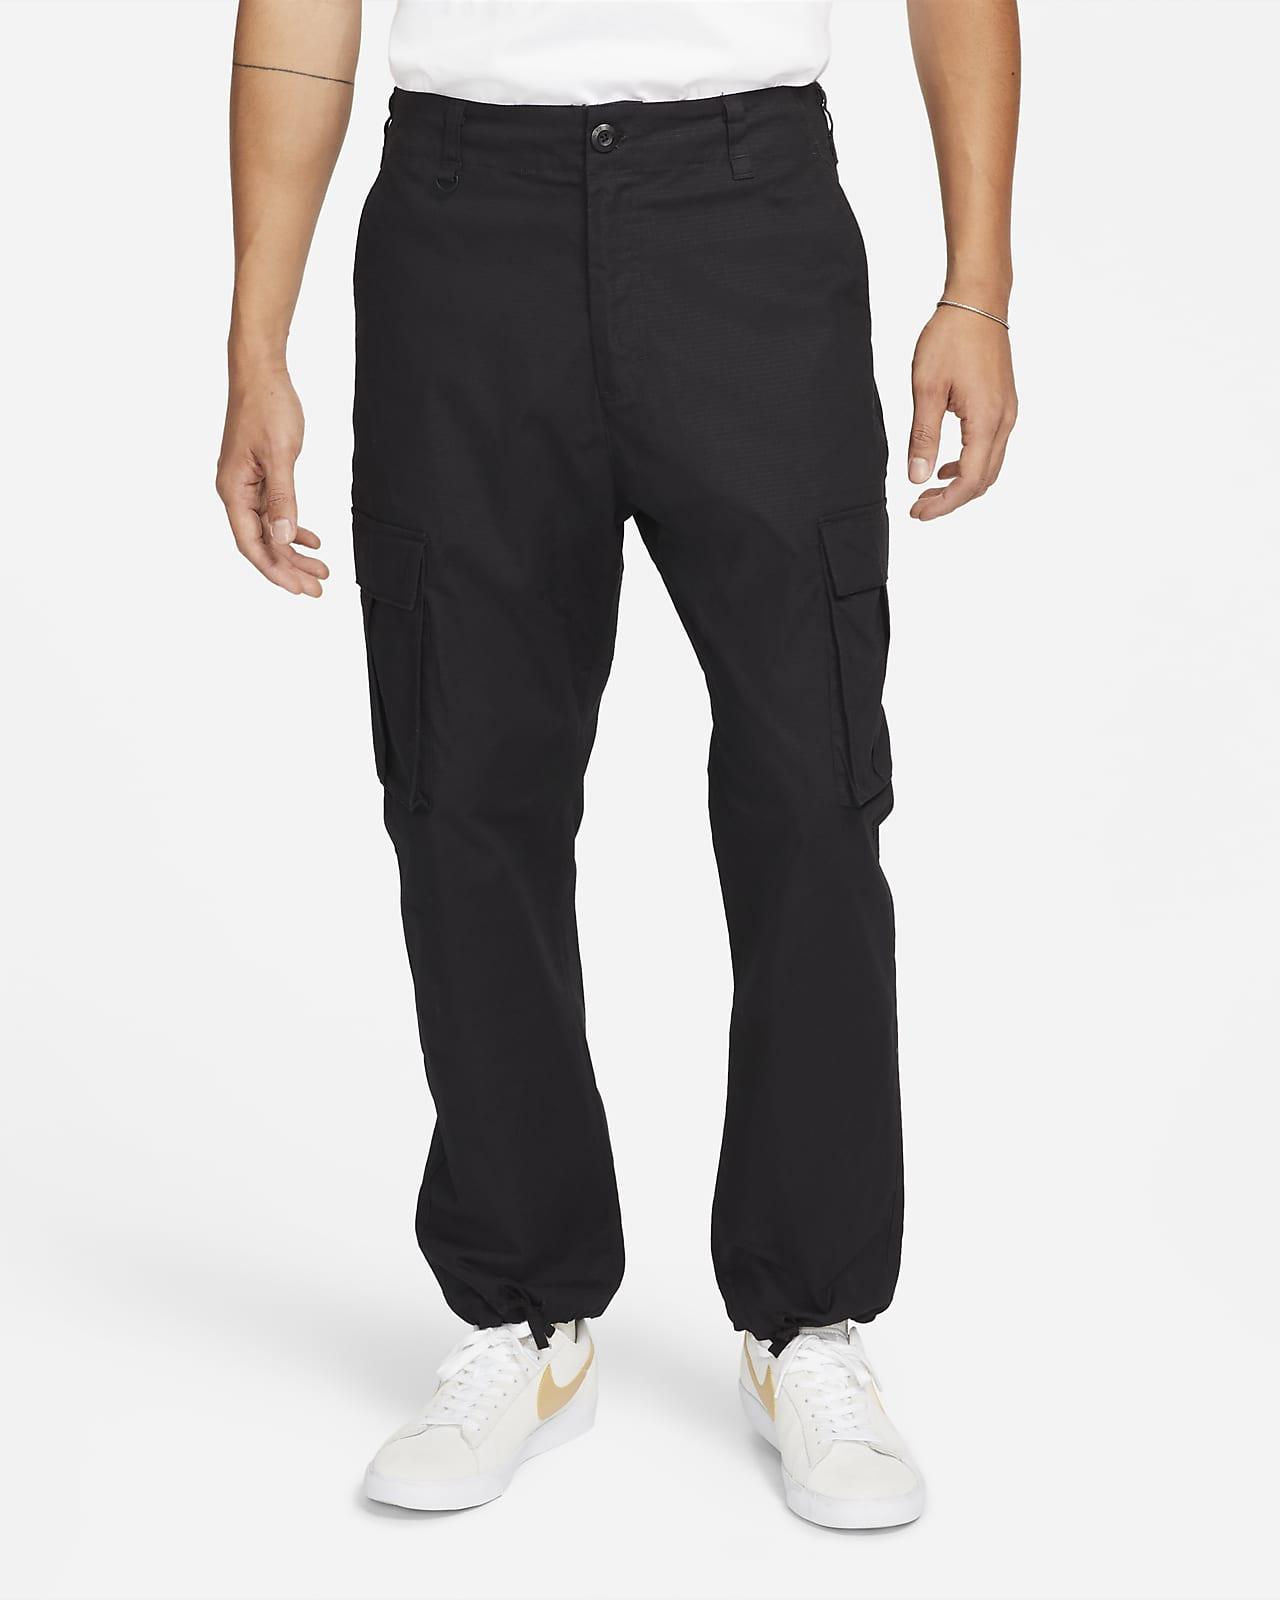 กางเกงสเก็ตบอร์ดขายาวทรงคาร์โก้ Nike SB